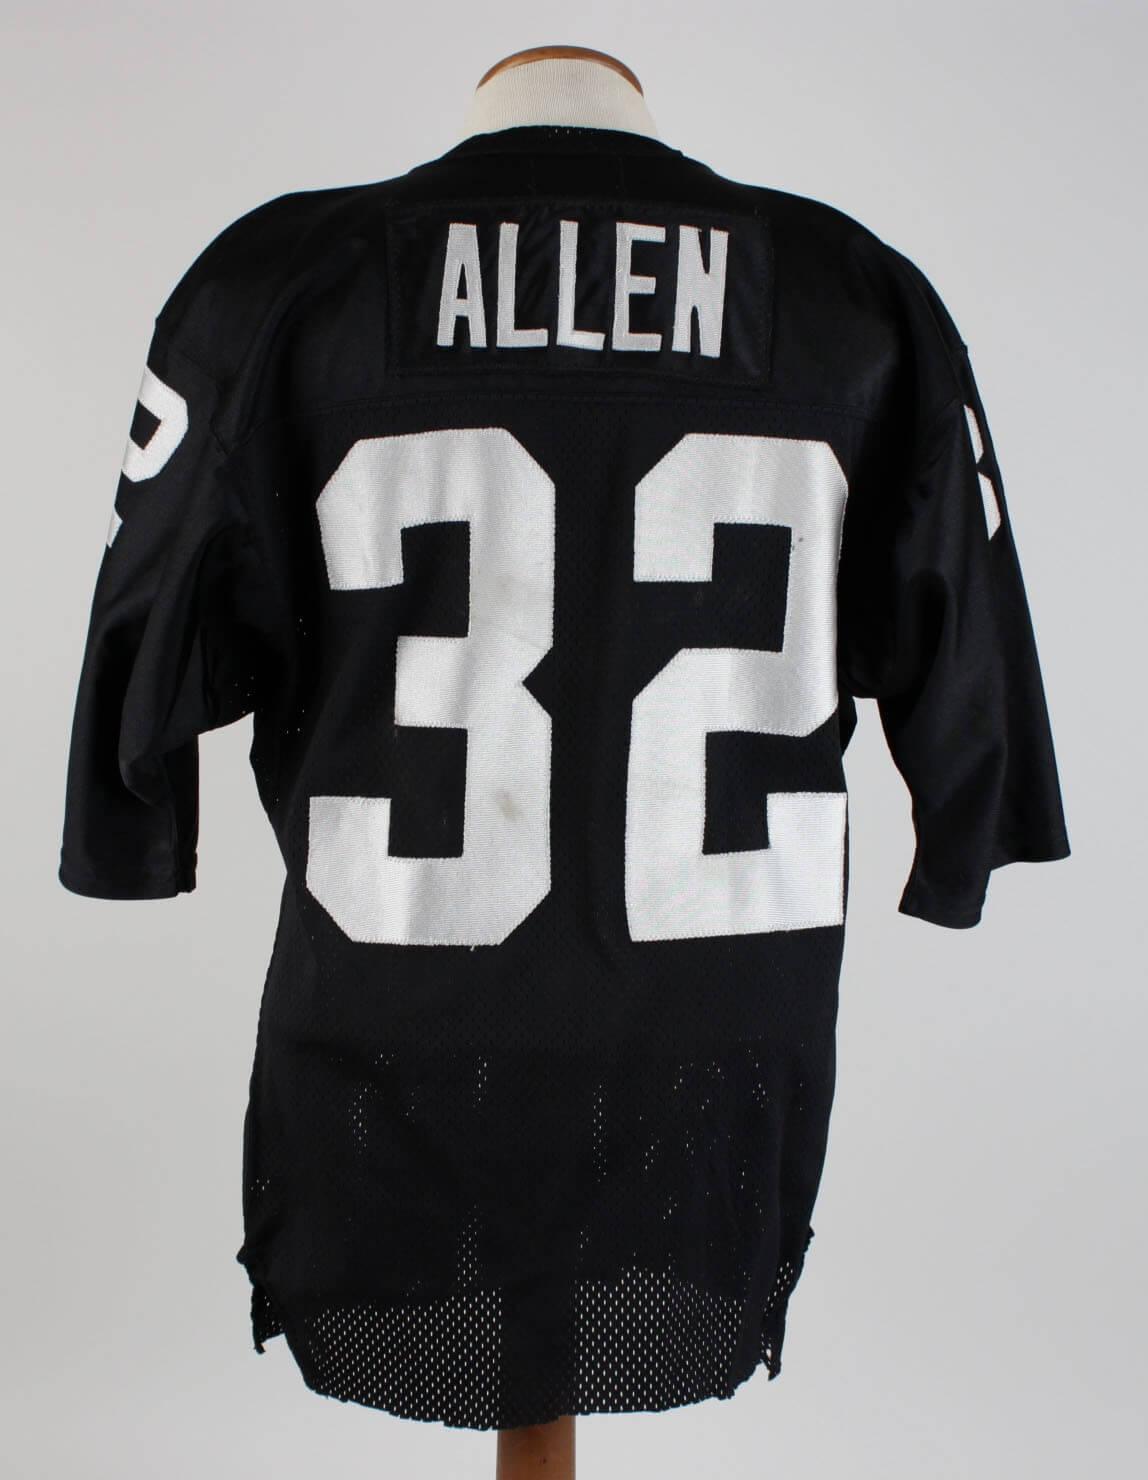 marcus allen jersey number